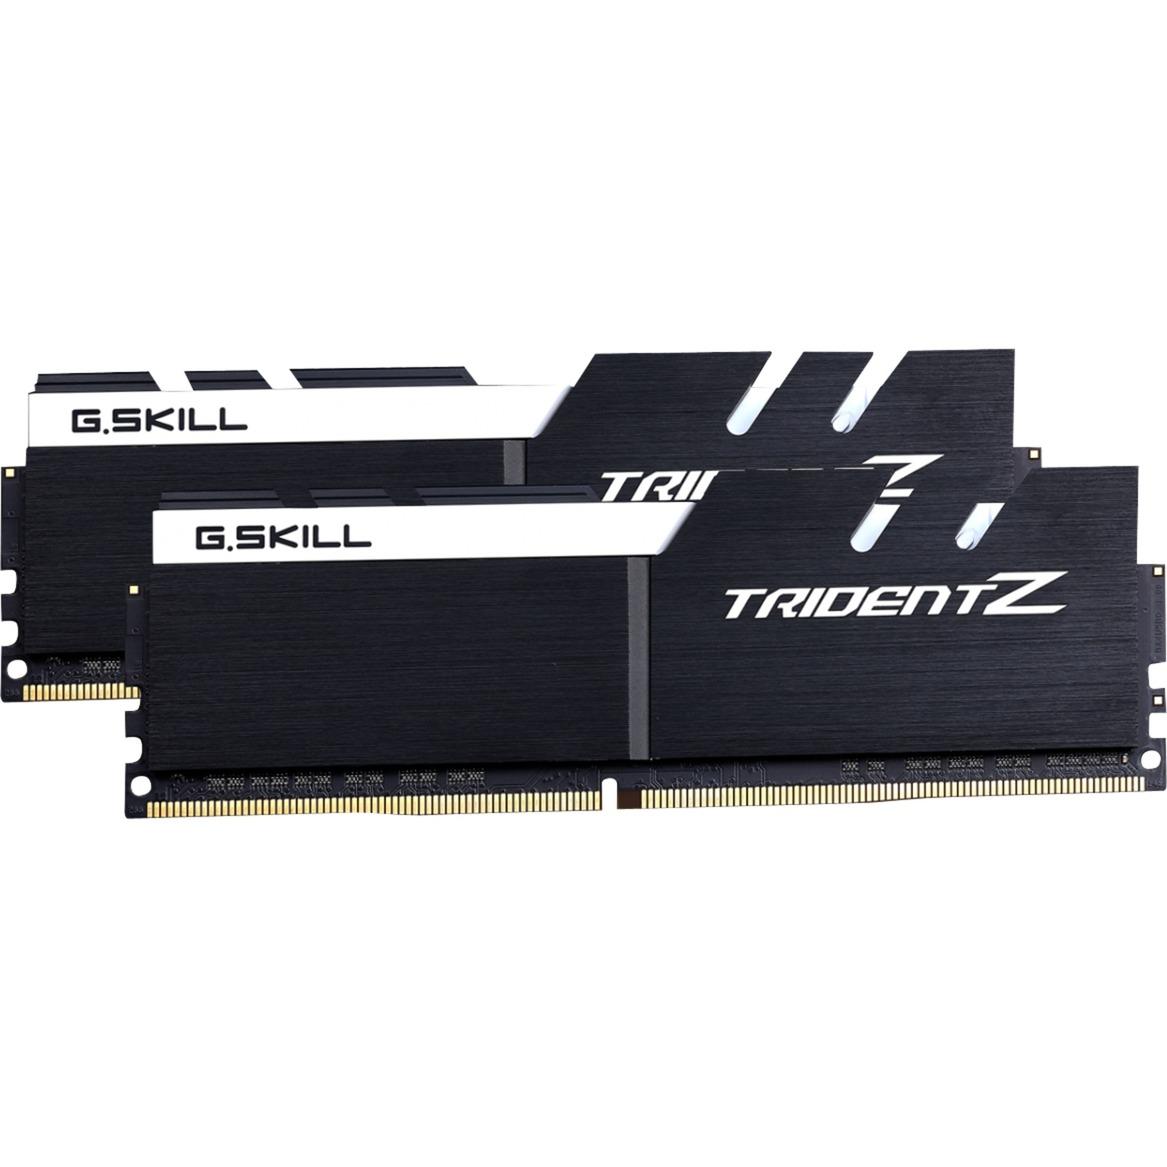 D416GB 3200-16 Trident Z K2 GSK, Mémoire